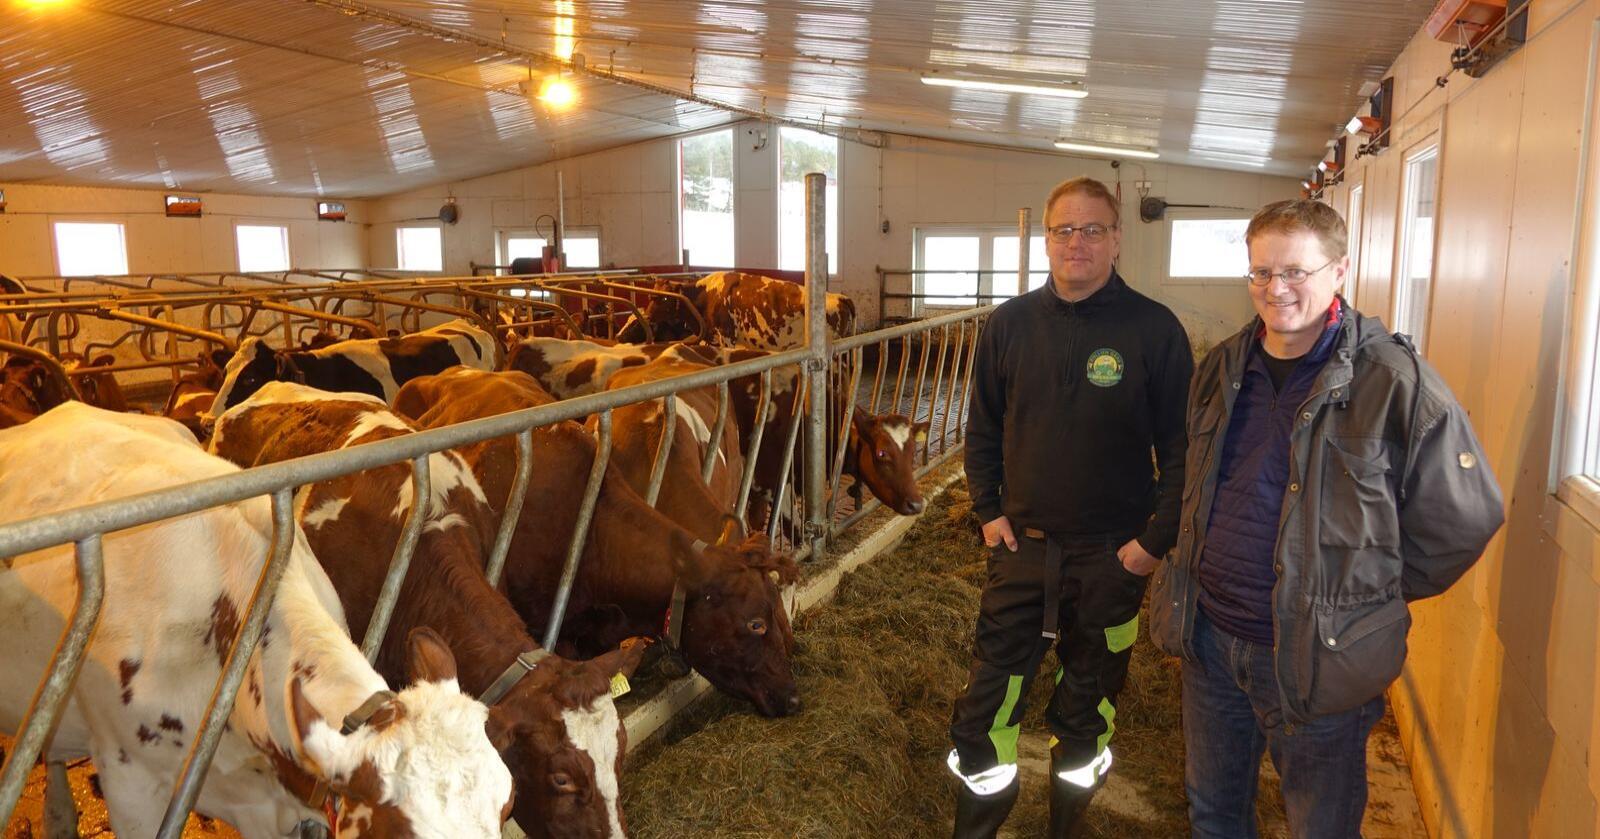 Kombinasjonen lønnsomhet og klimasmart jordbruk er en positiv inngang i klimadebatten mener både bonde Geir Lohn i Alvdal (t.v.) og forsker Ola Flaten i NIBIO. Foto: Jon Schärer.